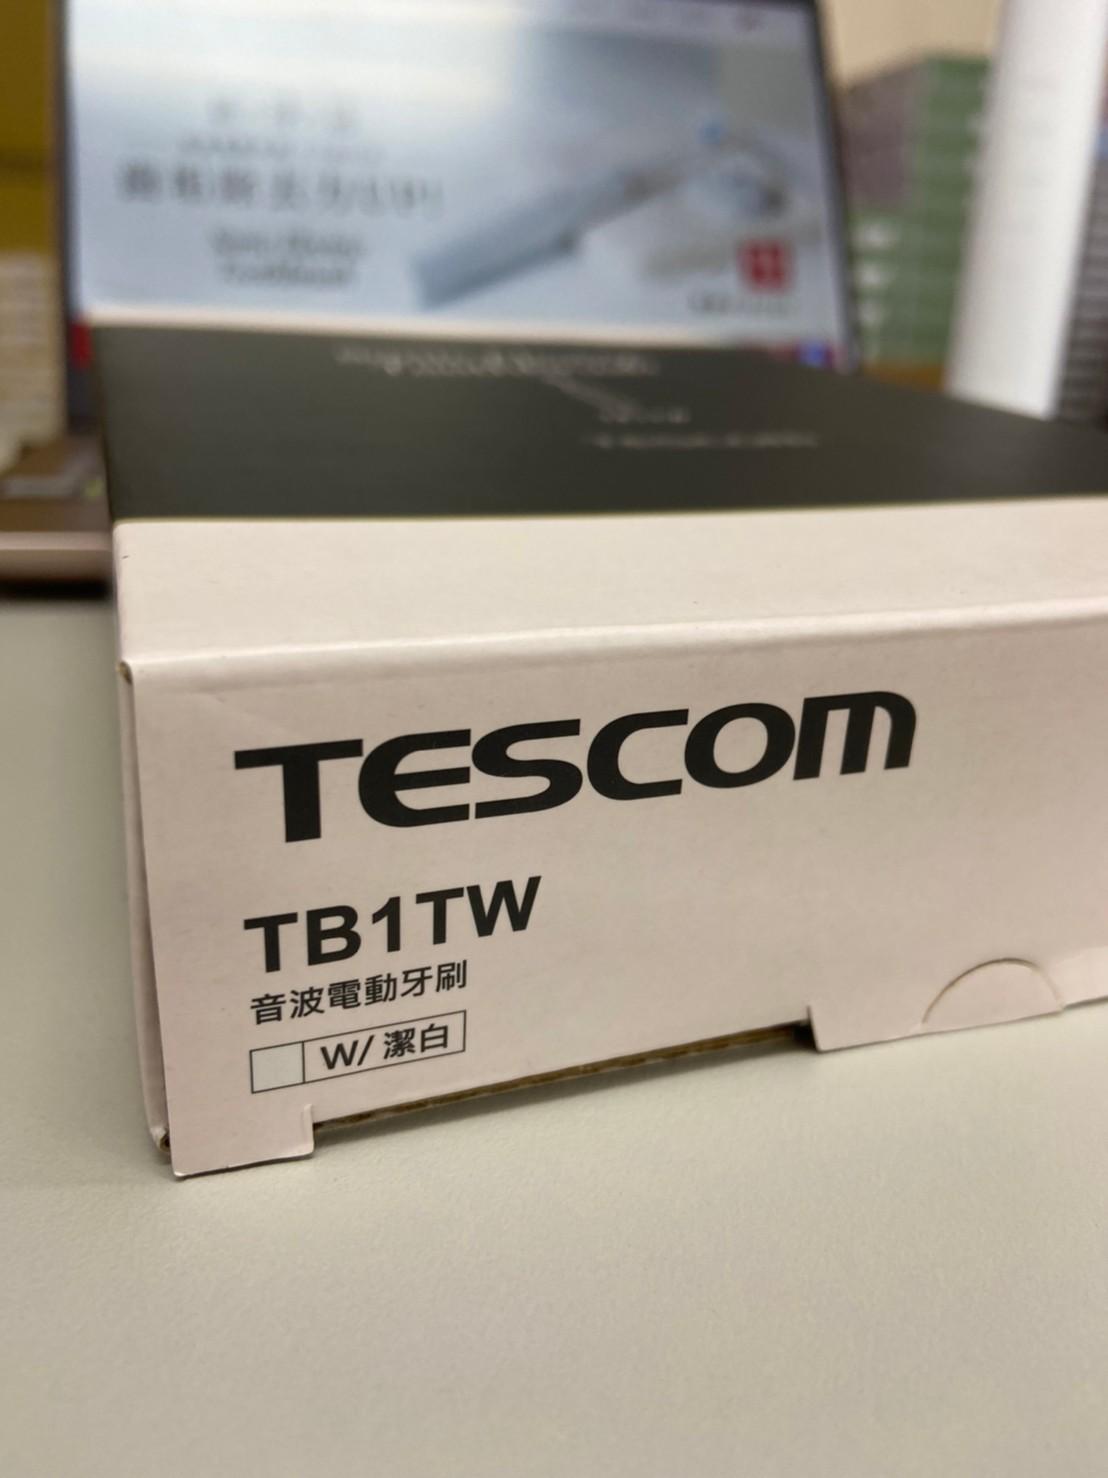 郎客阿!CP值炸裂的電動牙刷【TESCOM】音波電動牙刷 TB1TW